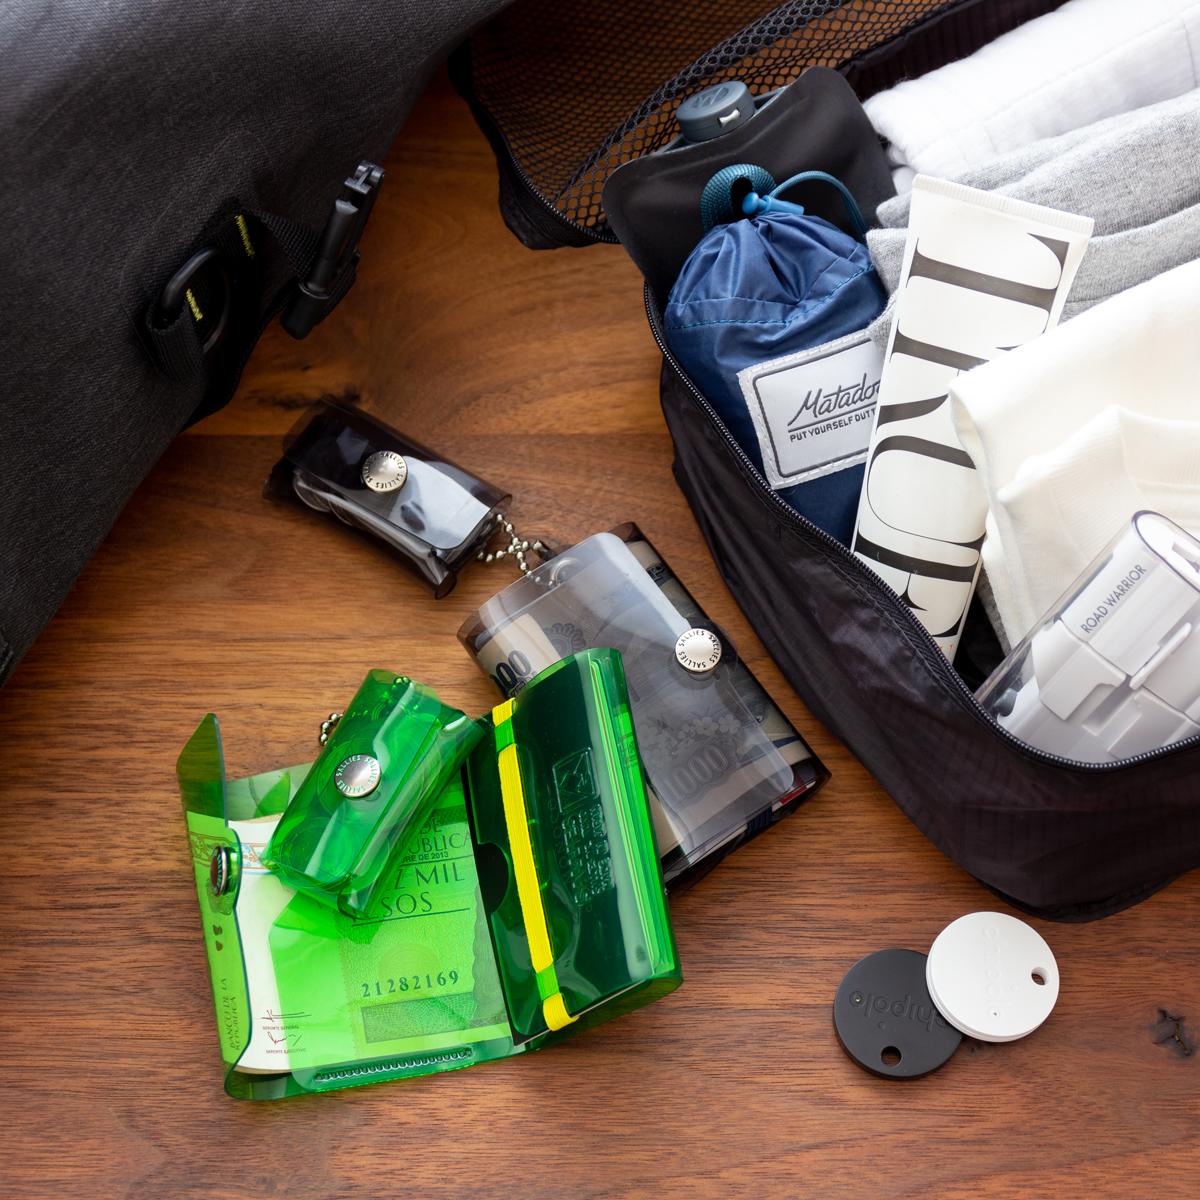 海外旅行なら日本円と現地のお金を分納する2個使いがオススメ。これひとつで、ジム・旅行・アウトドアへにぴったりの「ミニ財布」|SALLIES